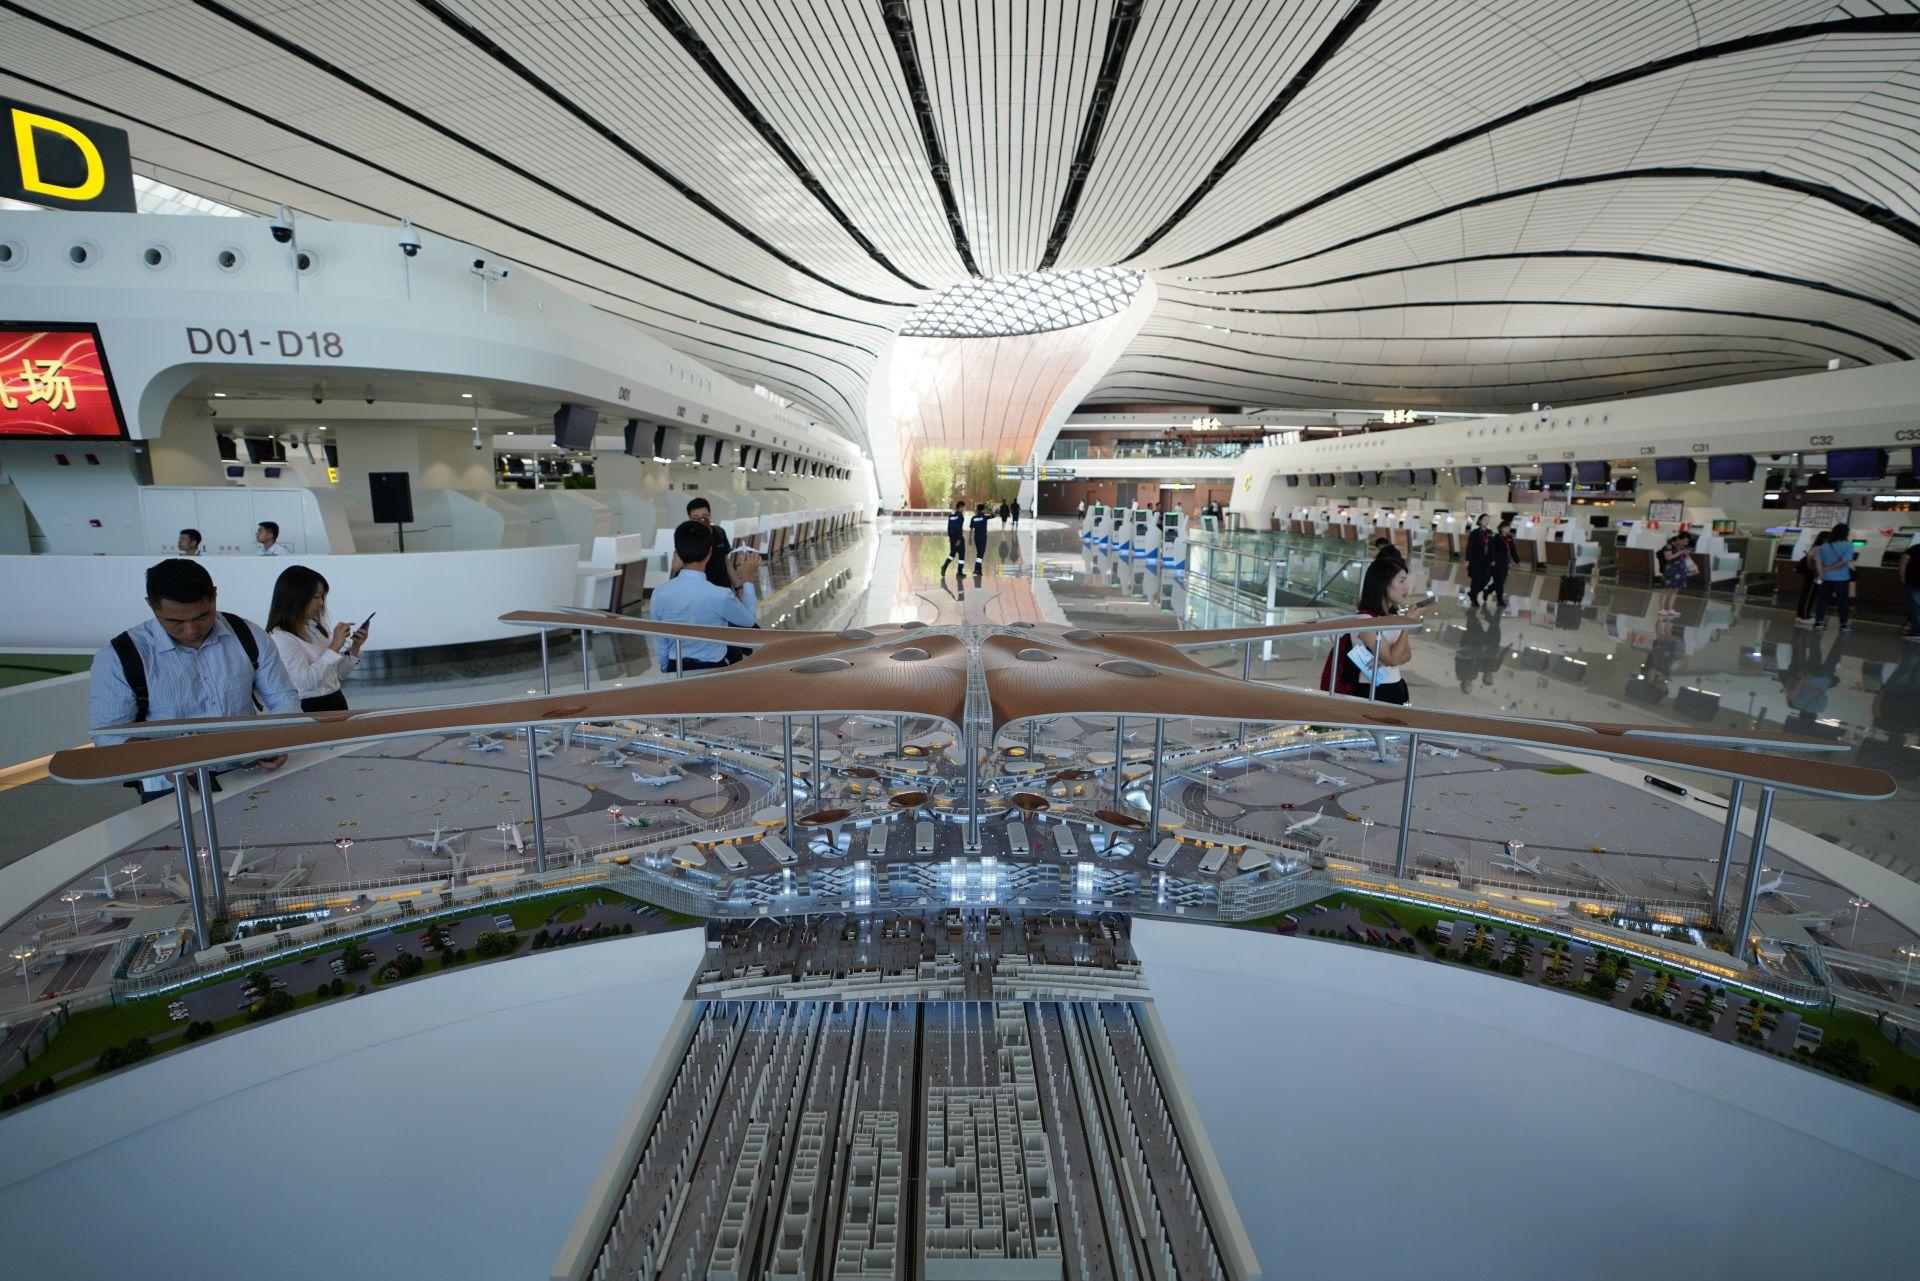 Макет в новото летище на Пекин показва как изглежда